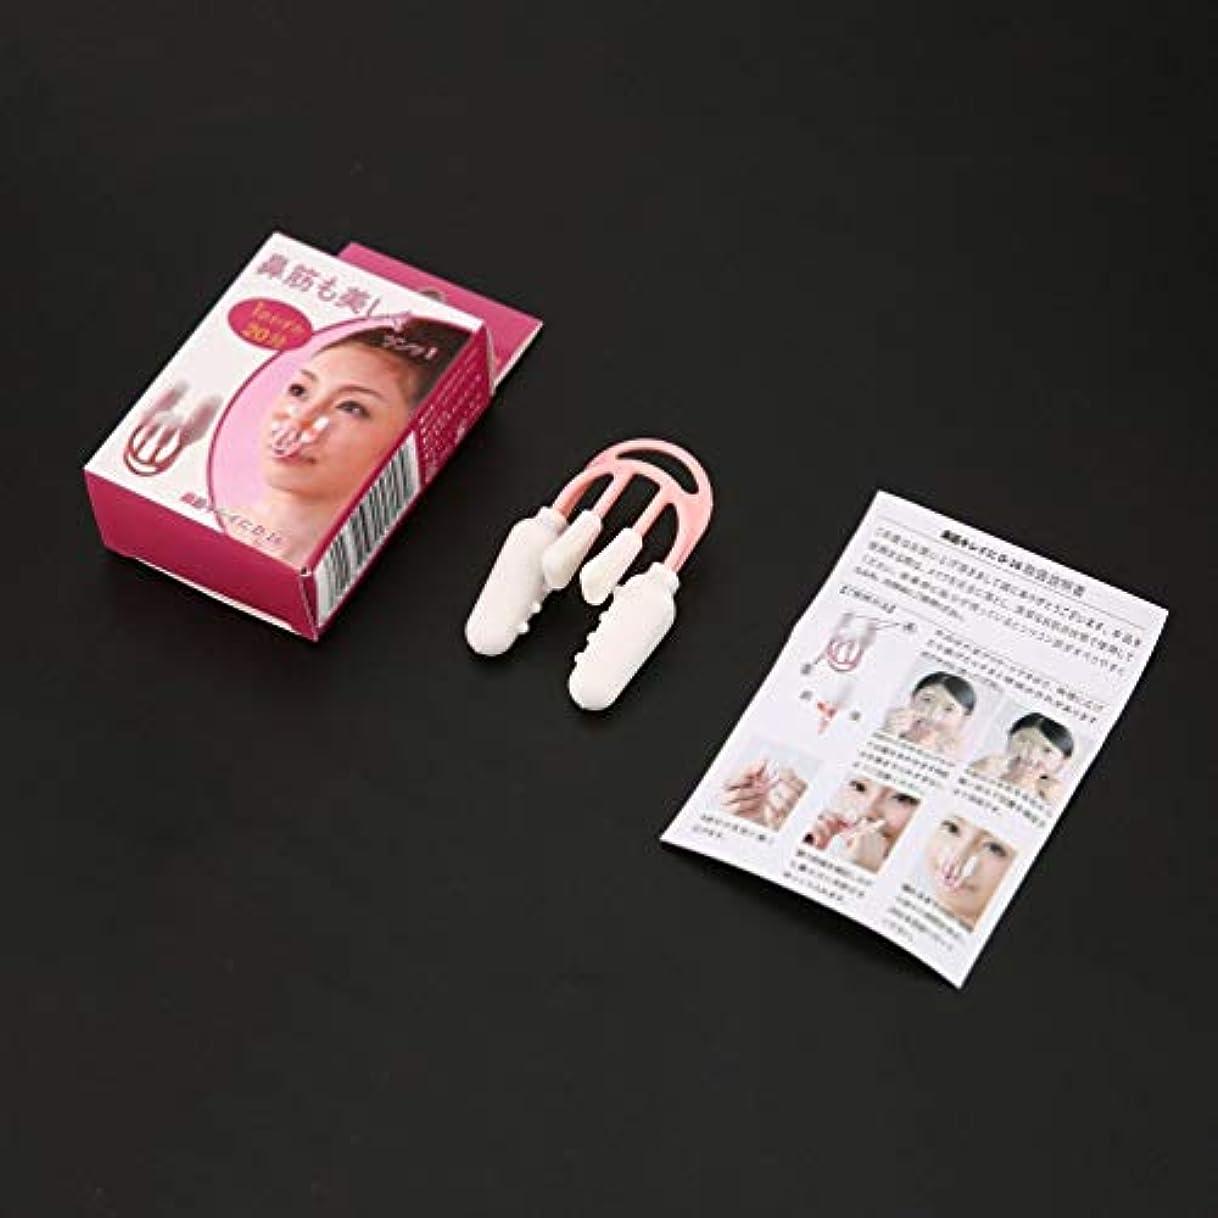 国籍代数コンサートノーズアップリフティングシェイピングシェイパークリップノーズクリッパーブリッジ矯正鼻コレクター鼻マッサージャーメイクアップ美容ツール - ホワイト&ピンク